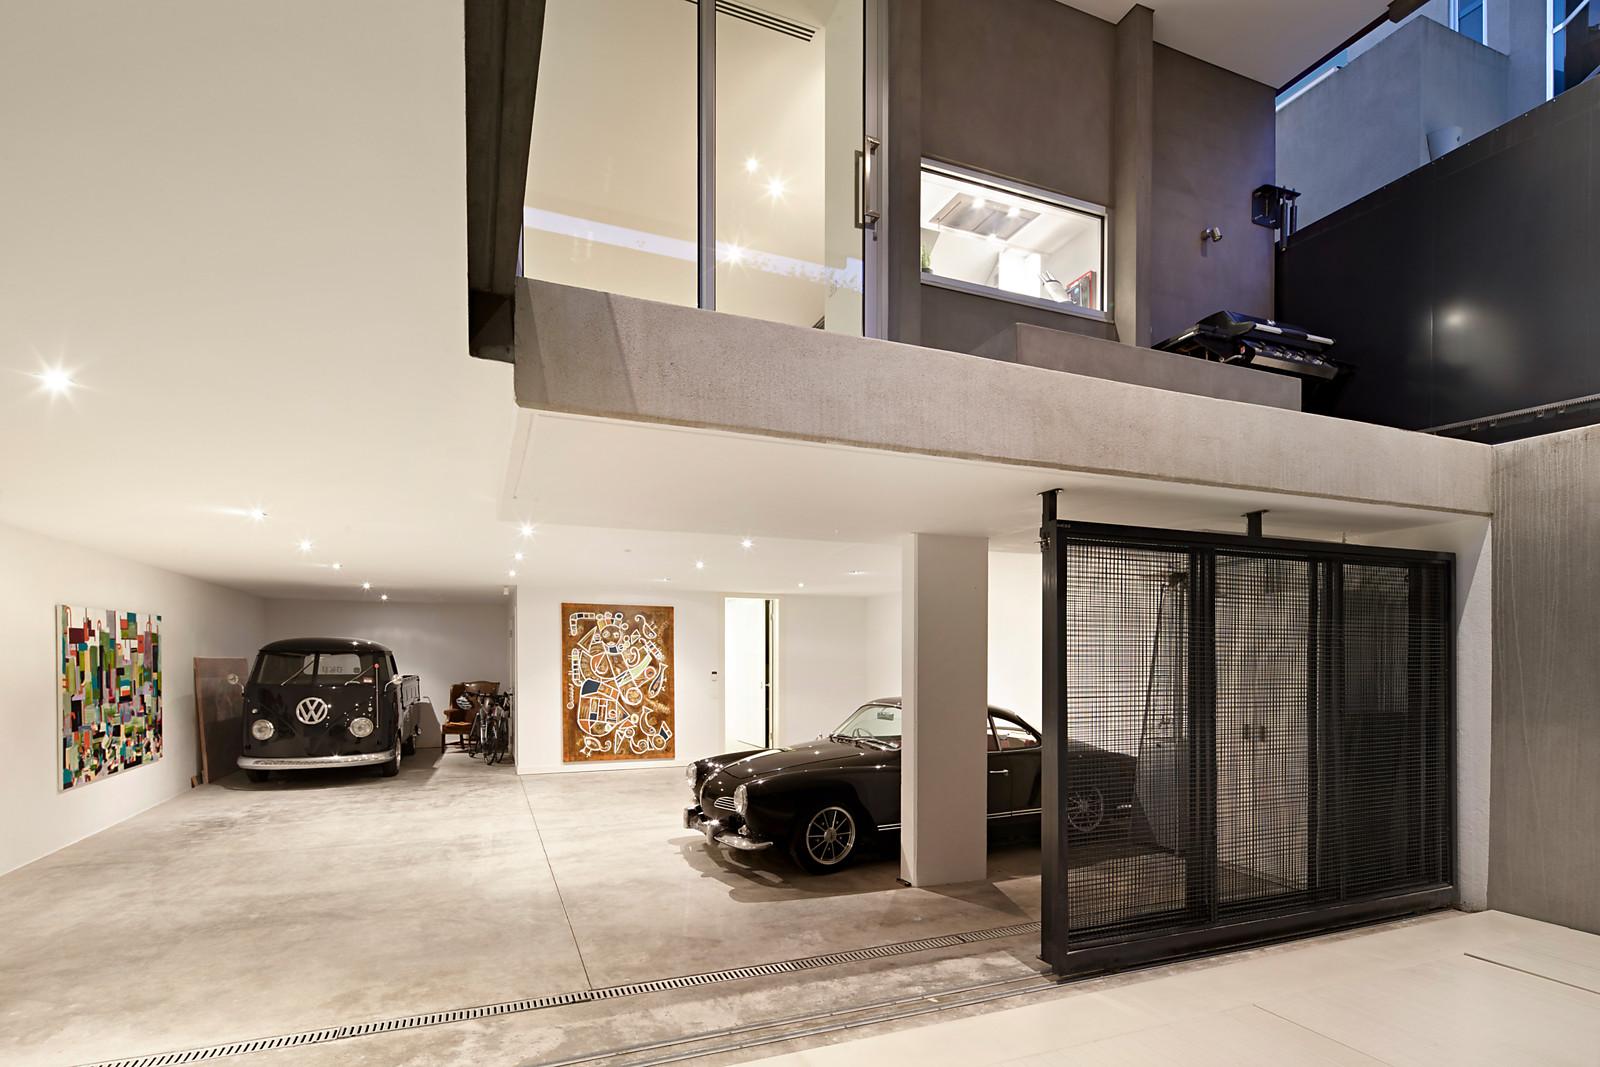 design-estate real estate South Yara 10